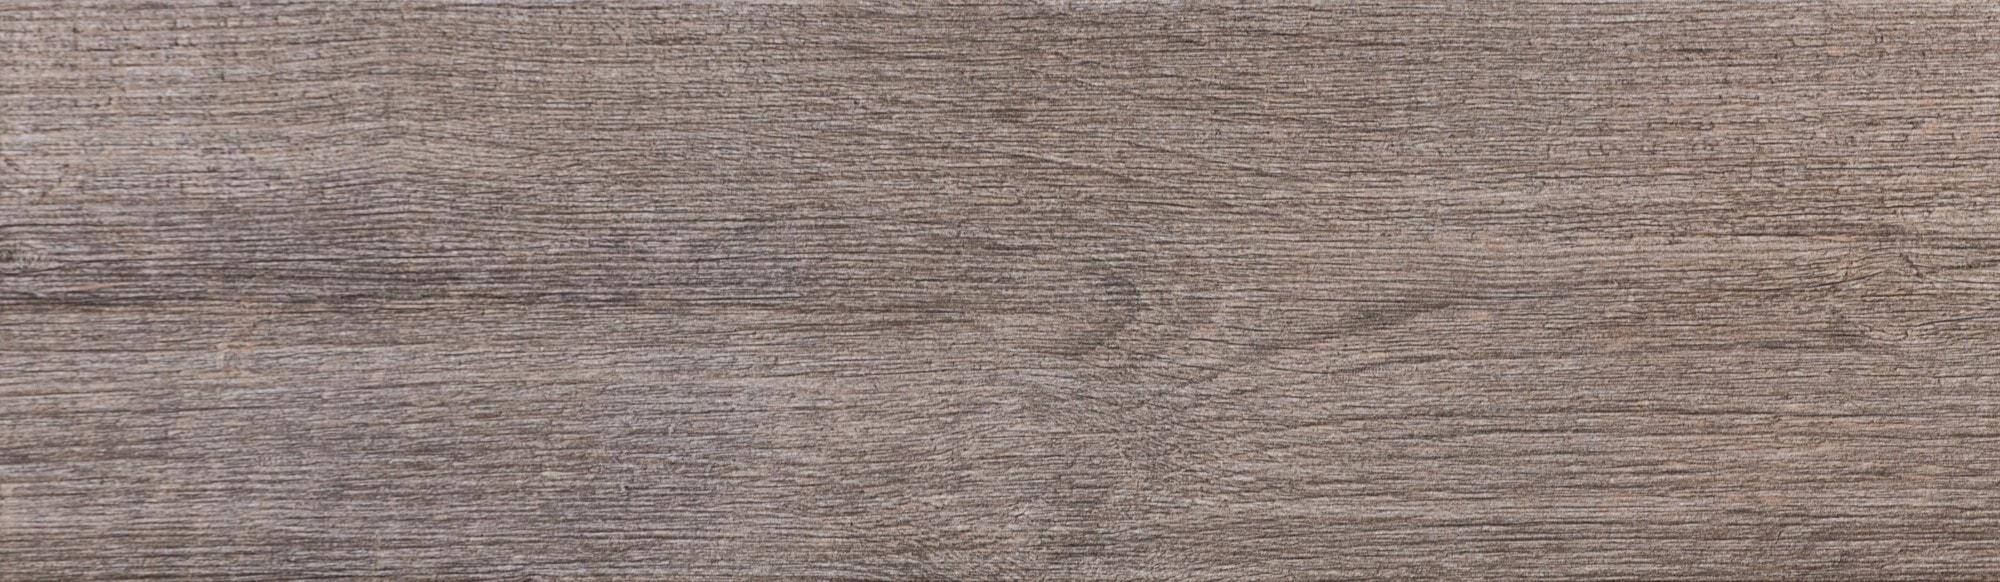 Płytka podłogowa Cerrad Tilia Mist 60x17,5cm 25717